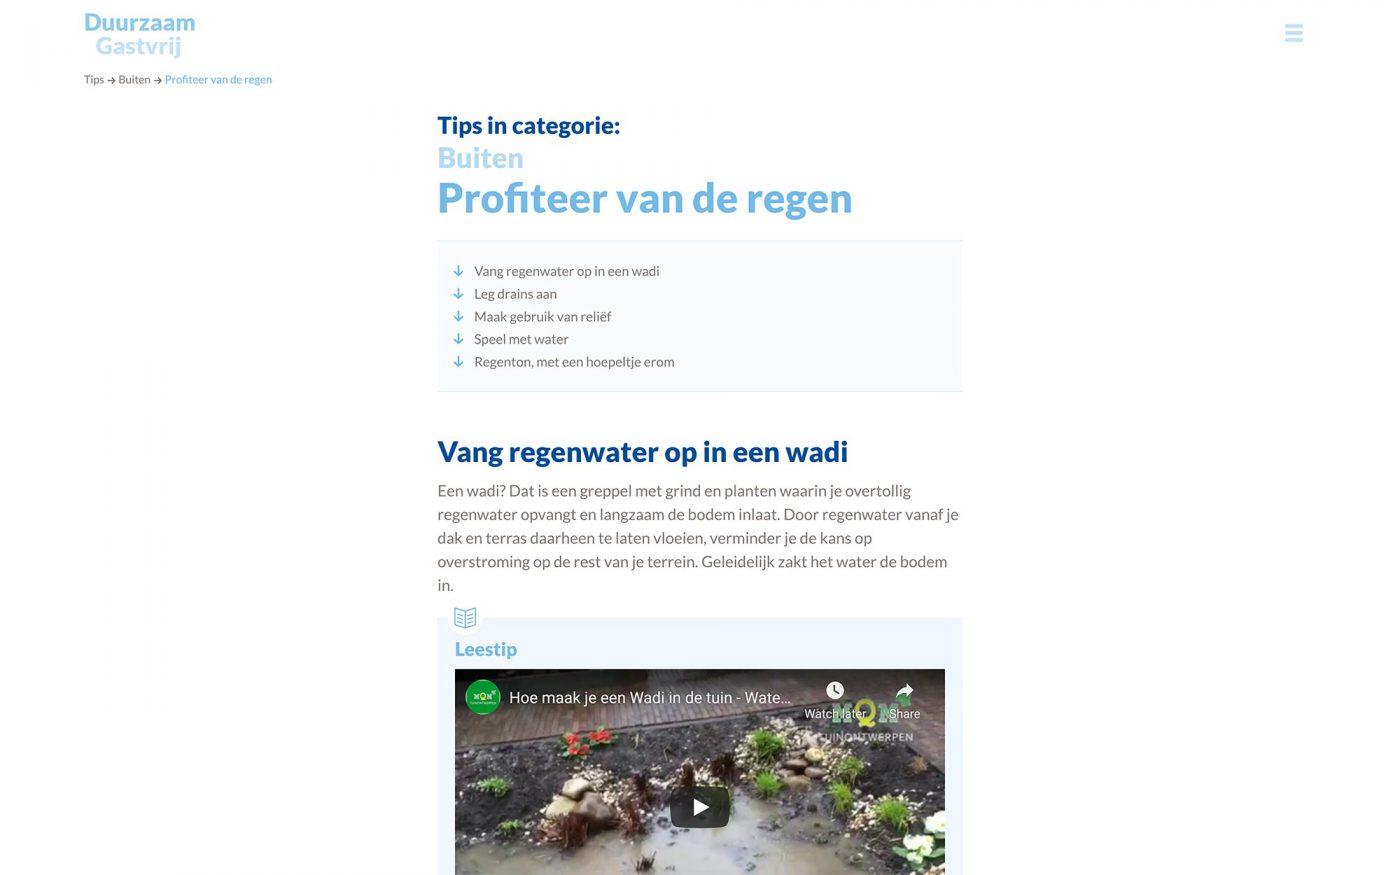 Duurzaam Gastvrij website Een Gezond Leisureklimaat JAgd ontwerp 4